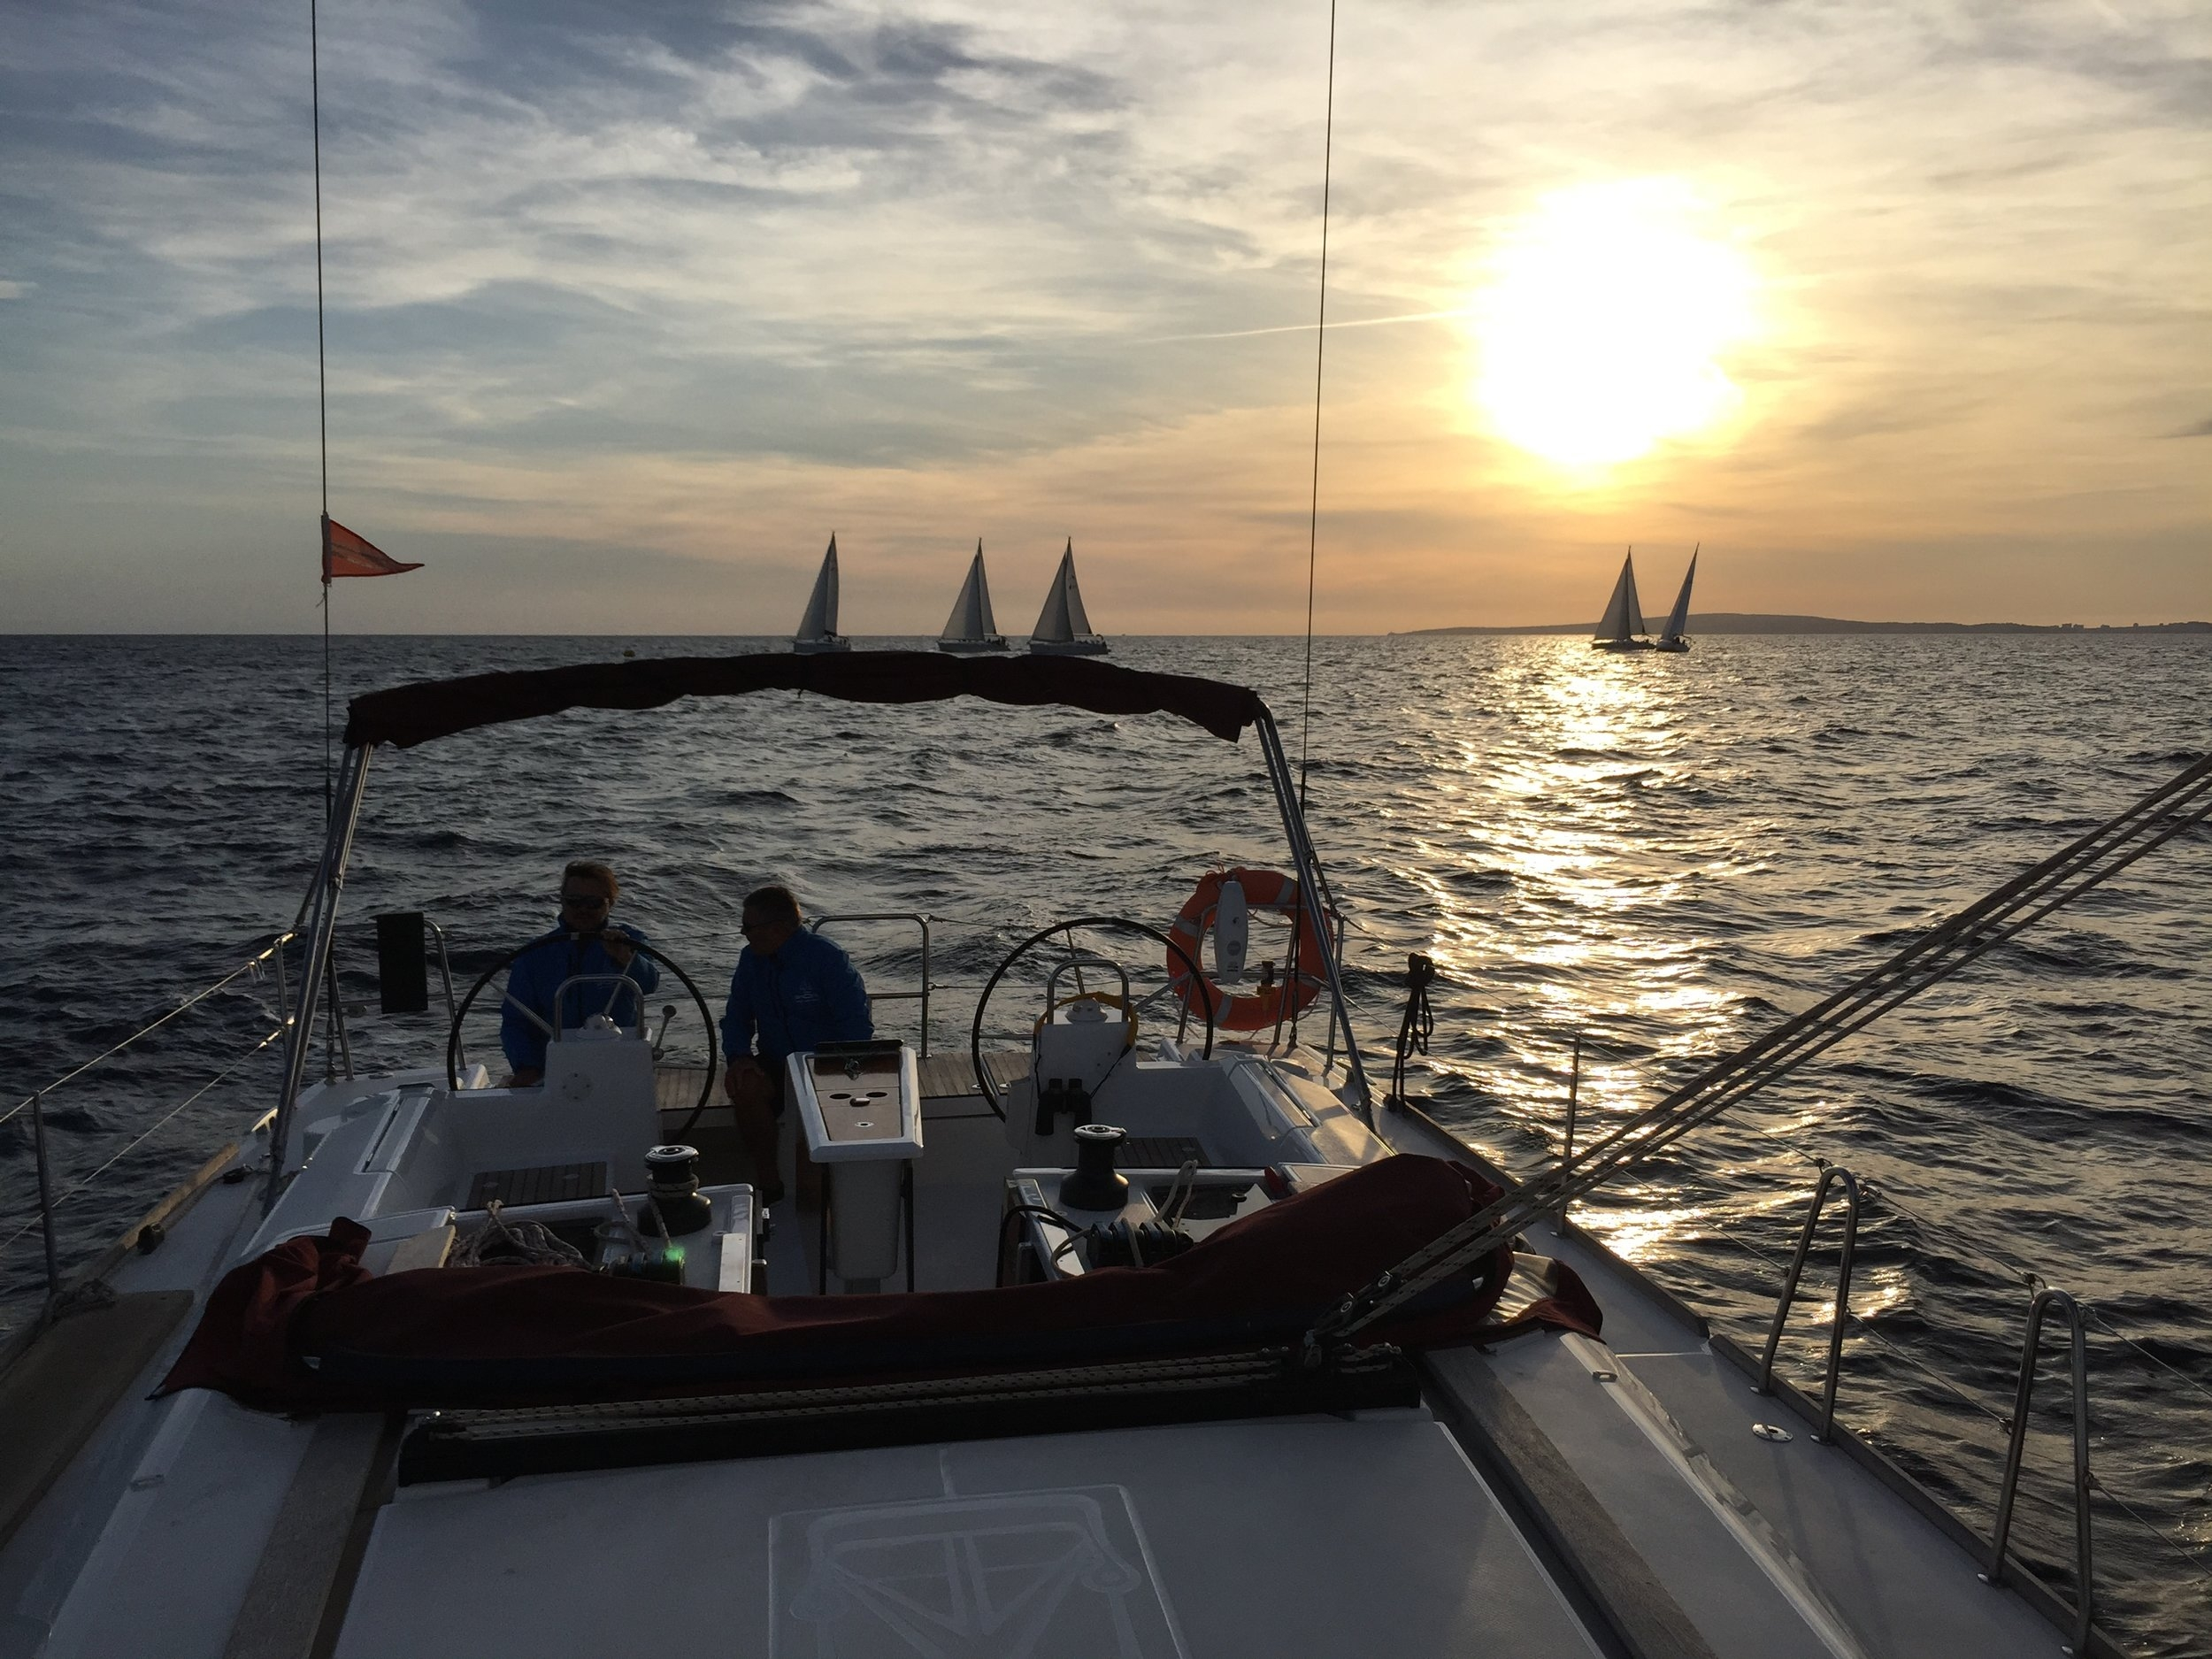 Nach dem Zielschluss geht es in der Abendsonne zurück in den Hafen